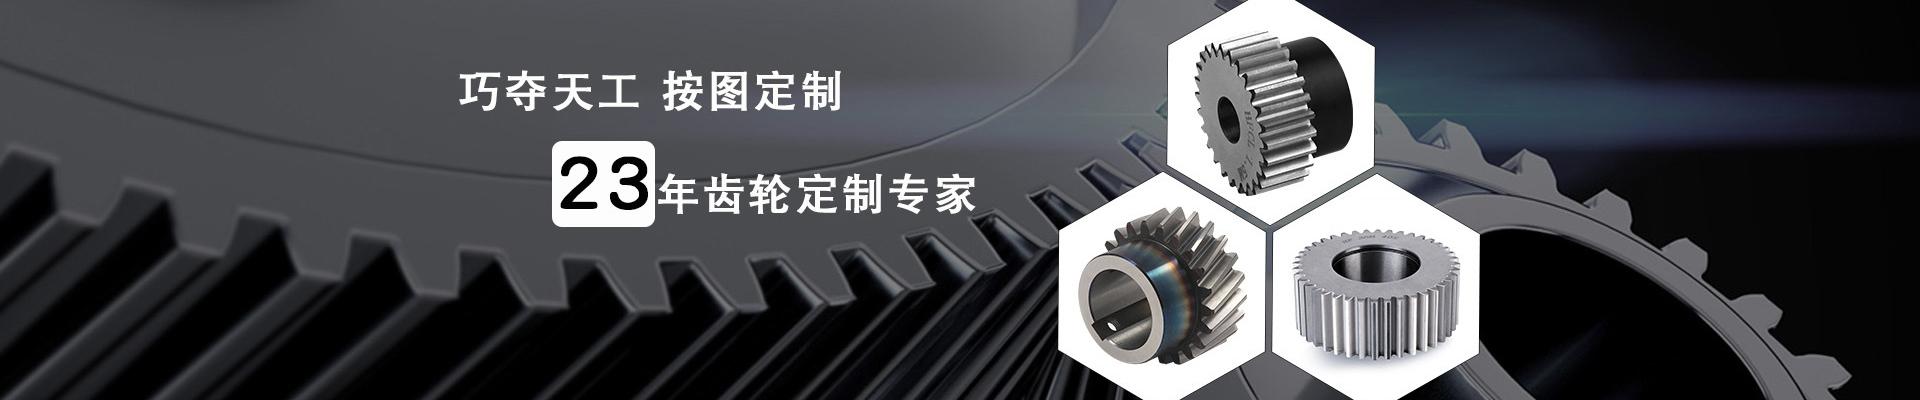 张家港市益民顺风机械厂